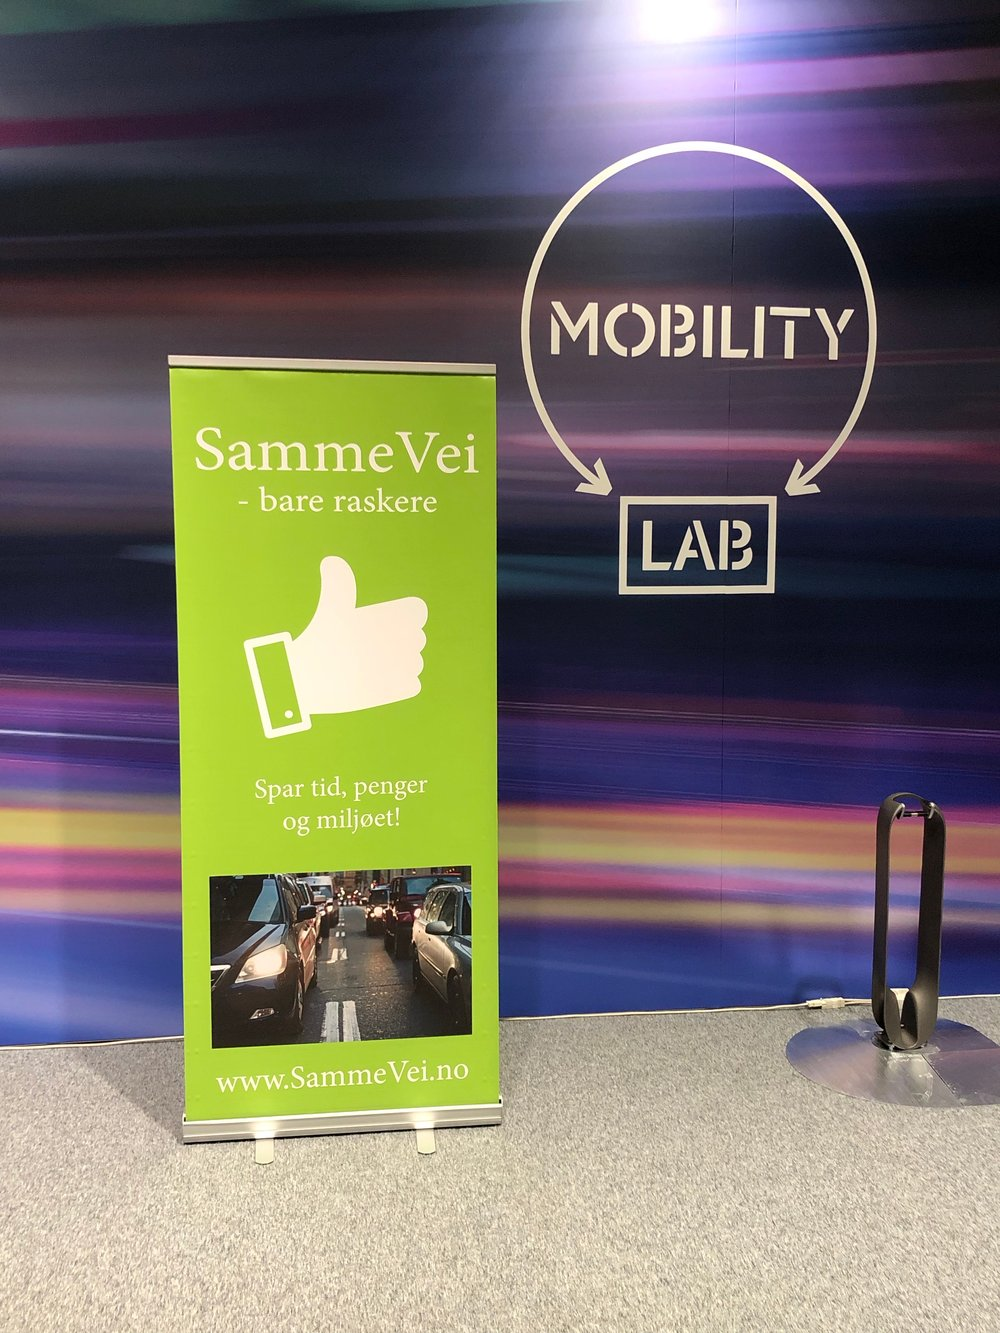 SammeVei sto sammen med MobilityLab på stand for å fronte nye, smarte mobilitetsløsninger.